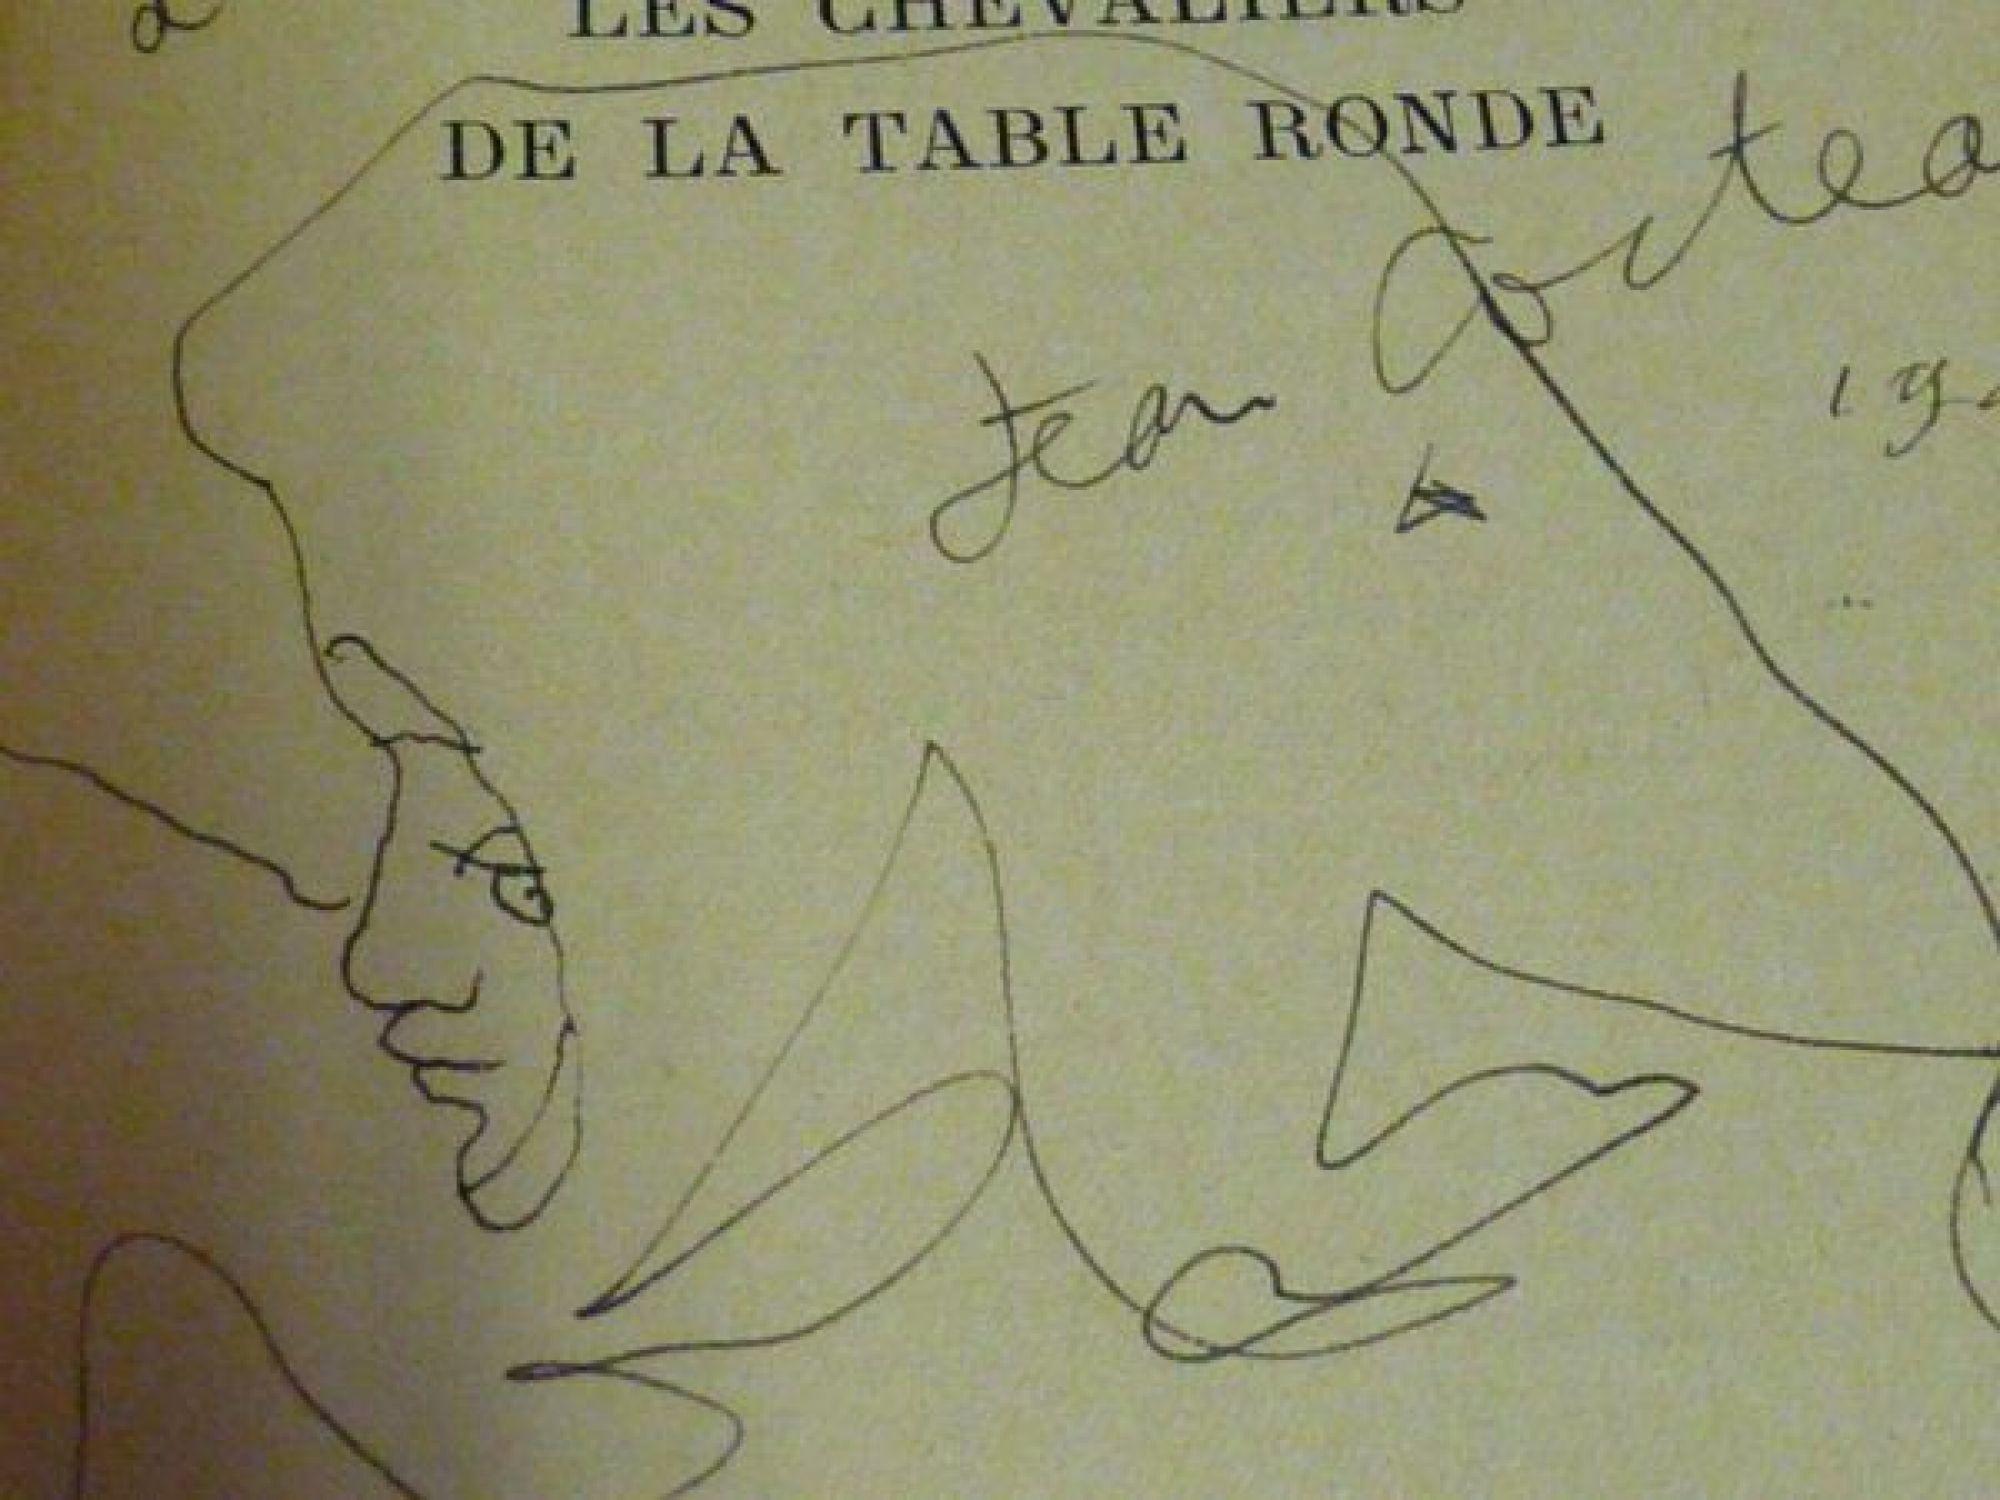 cocteau les chevaliers de la table ronde autographe